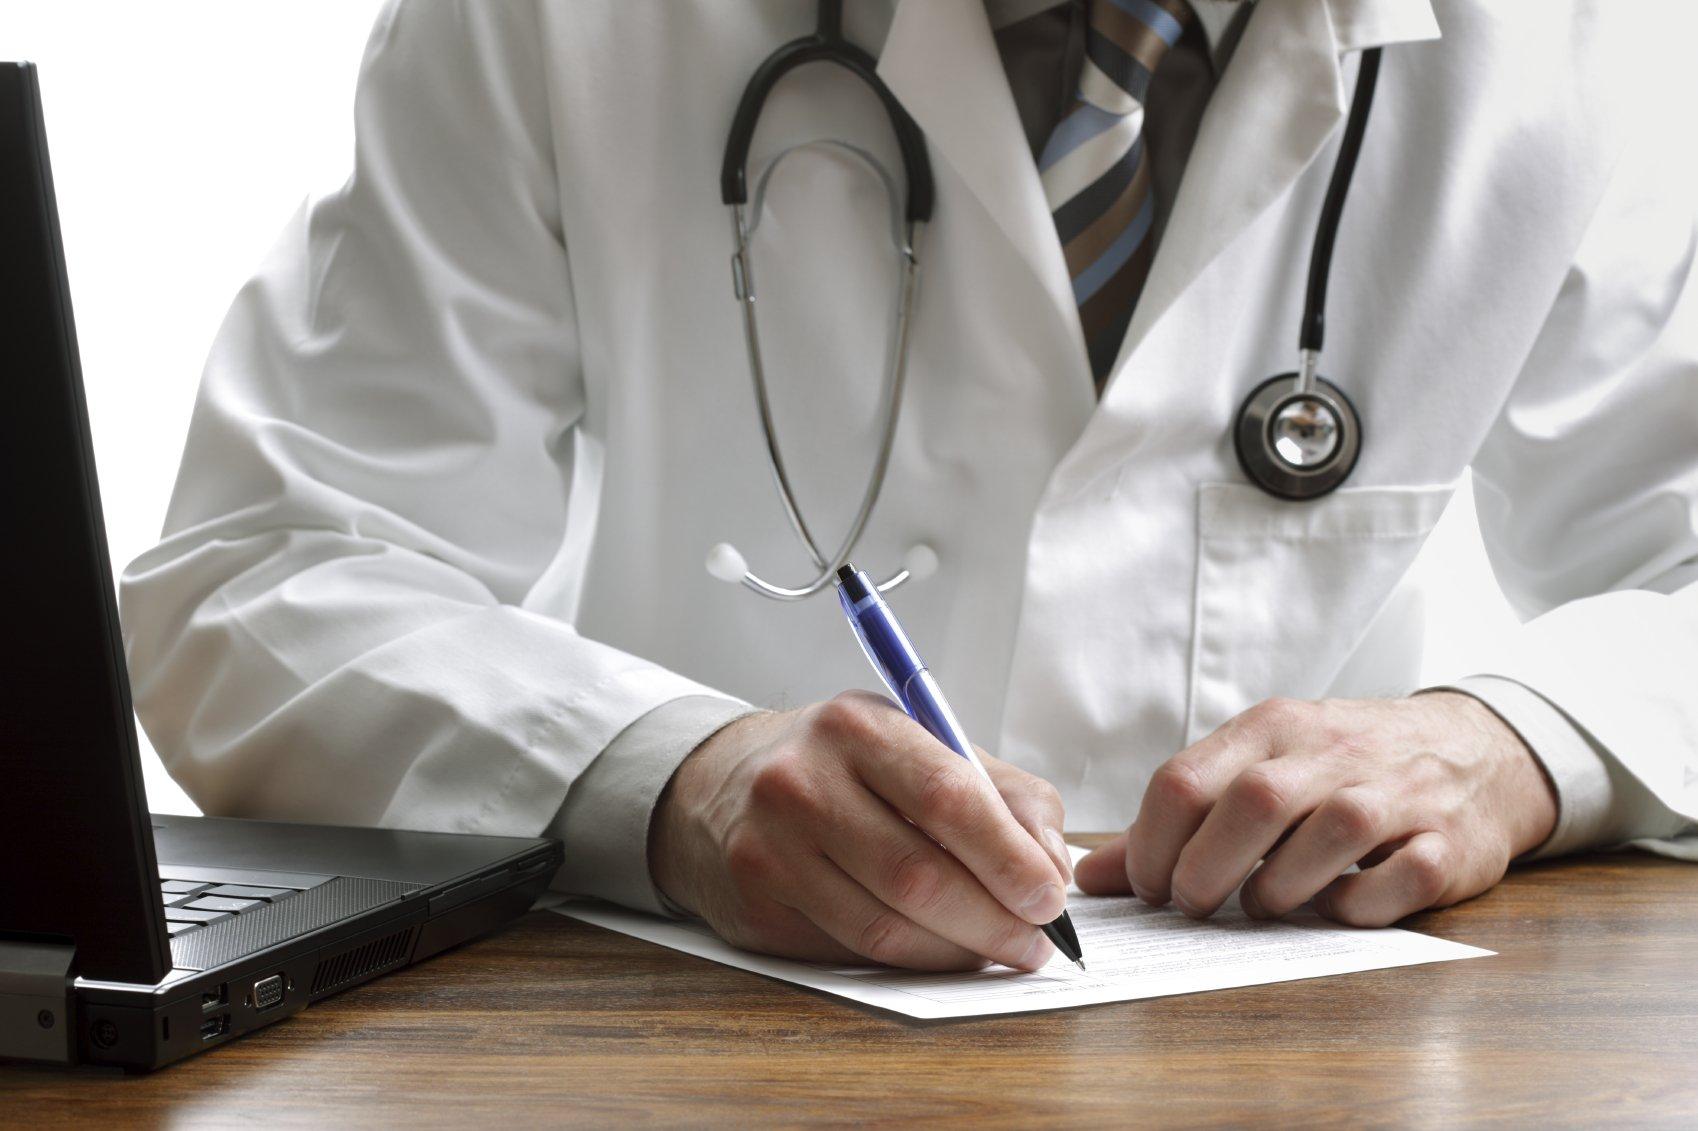 Следком Тамбовской области завершил расследование дела о взятках в отношении трёх врачей